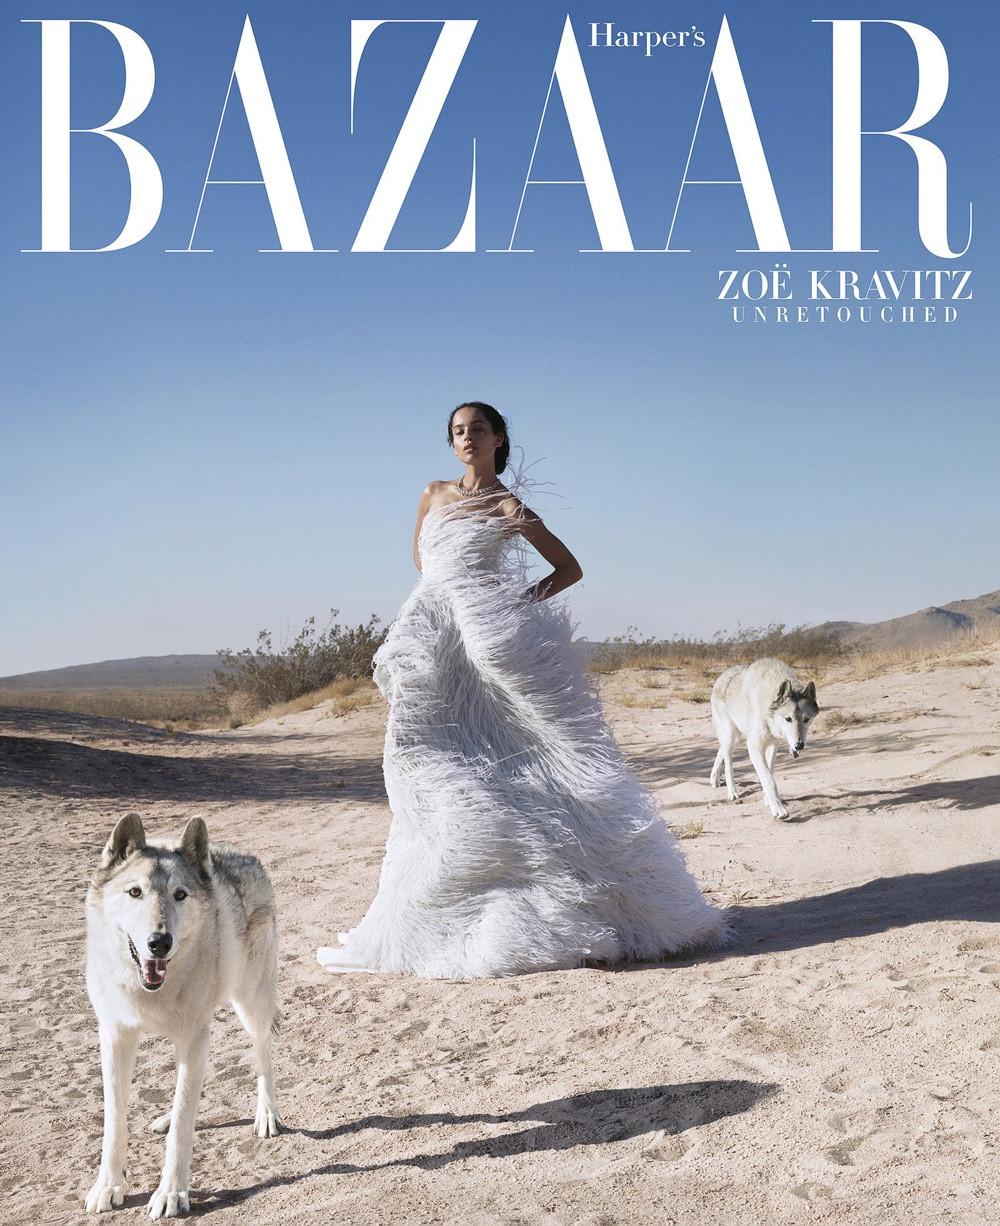 Harper's Bazaar October 2018 Zoe Kravitz by Camilla Akrans